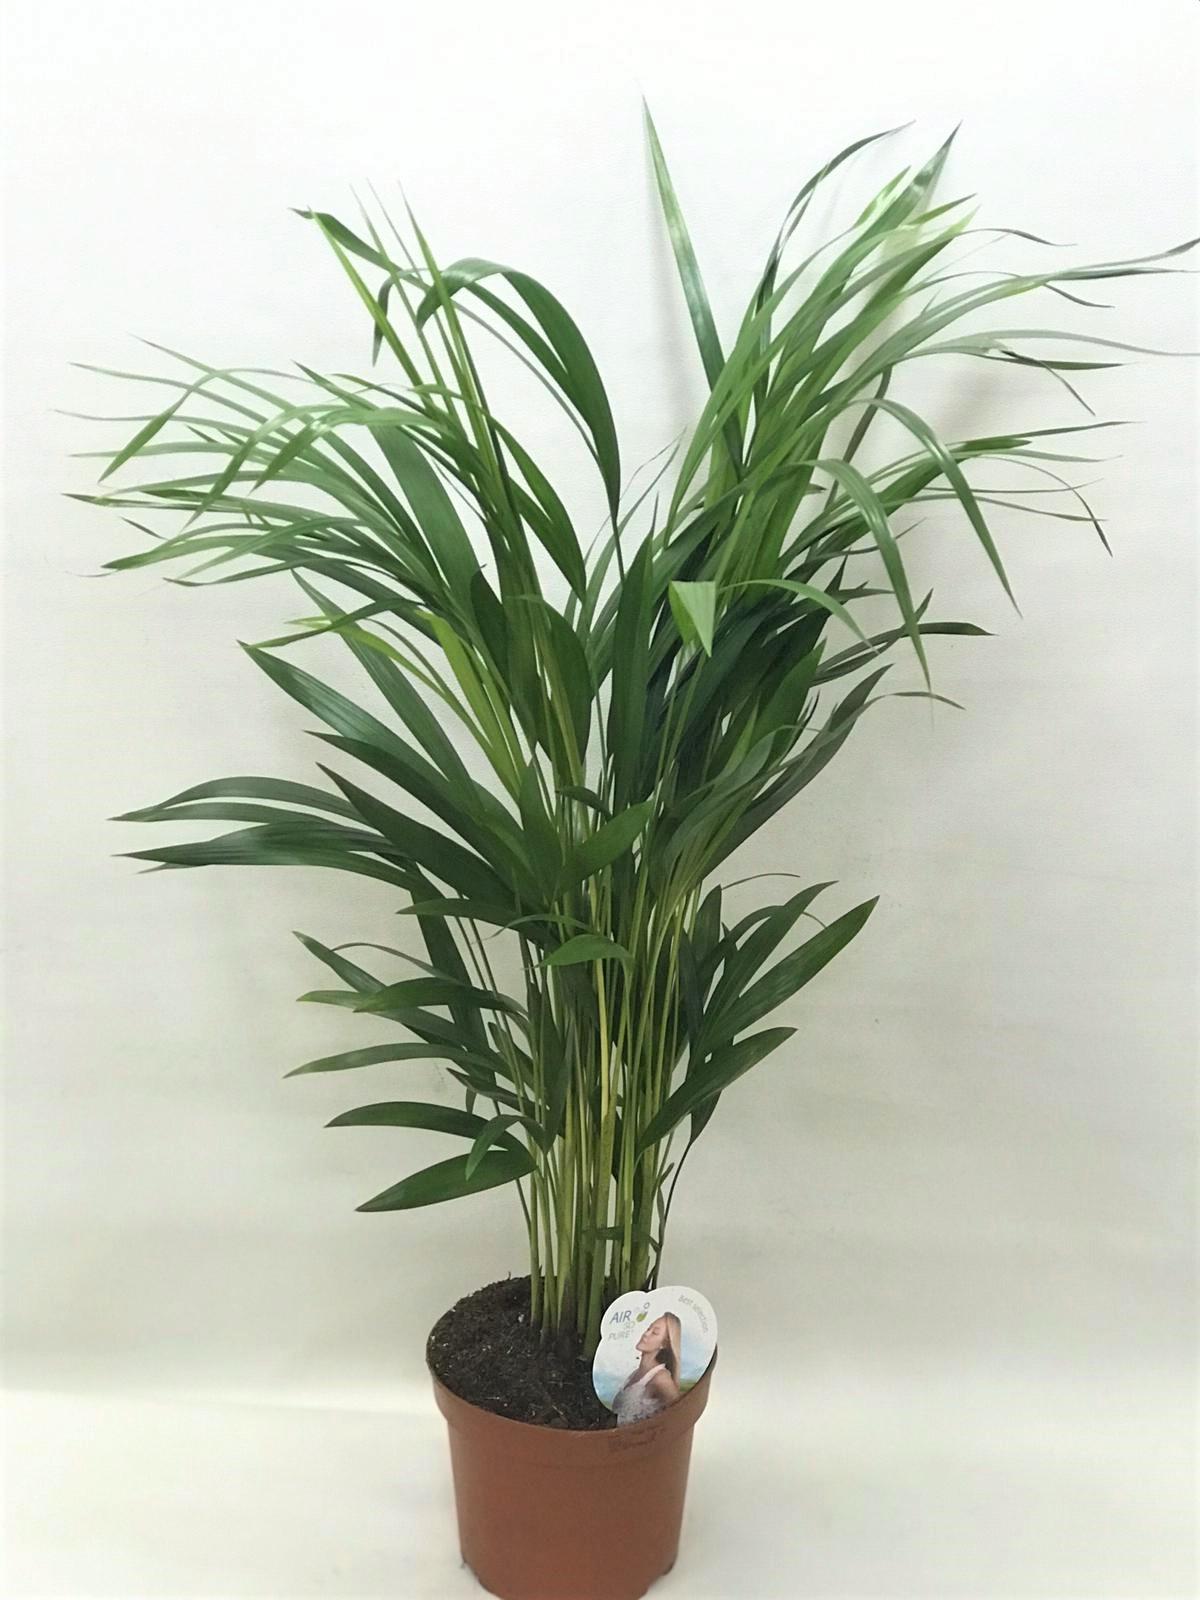 dypsis 60 Indoor Plants